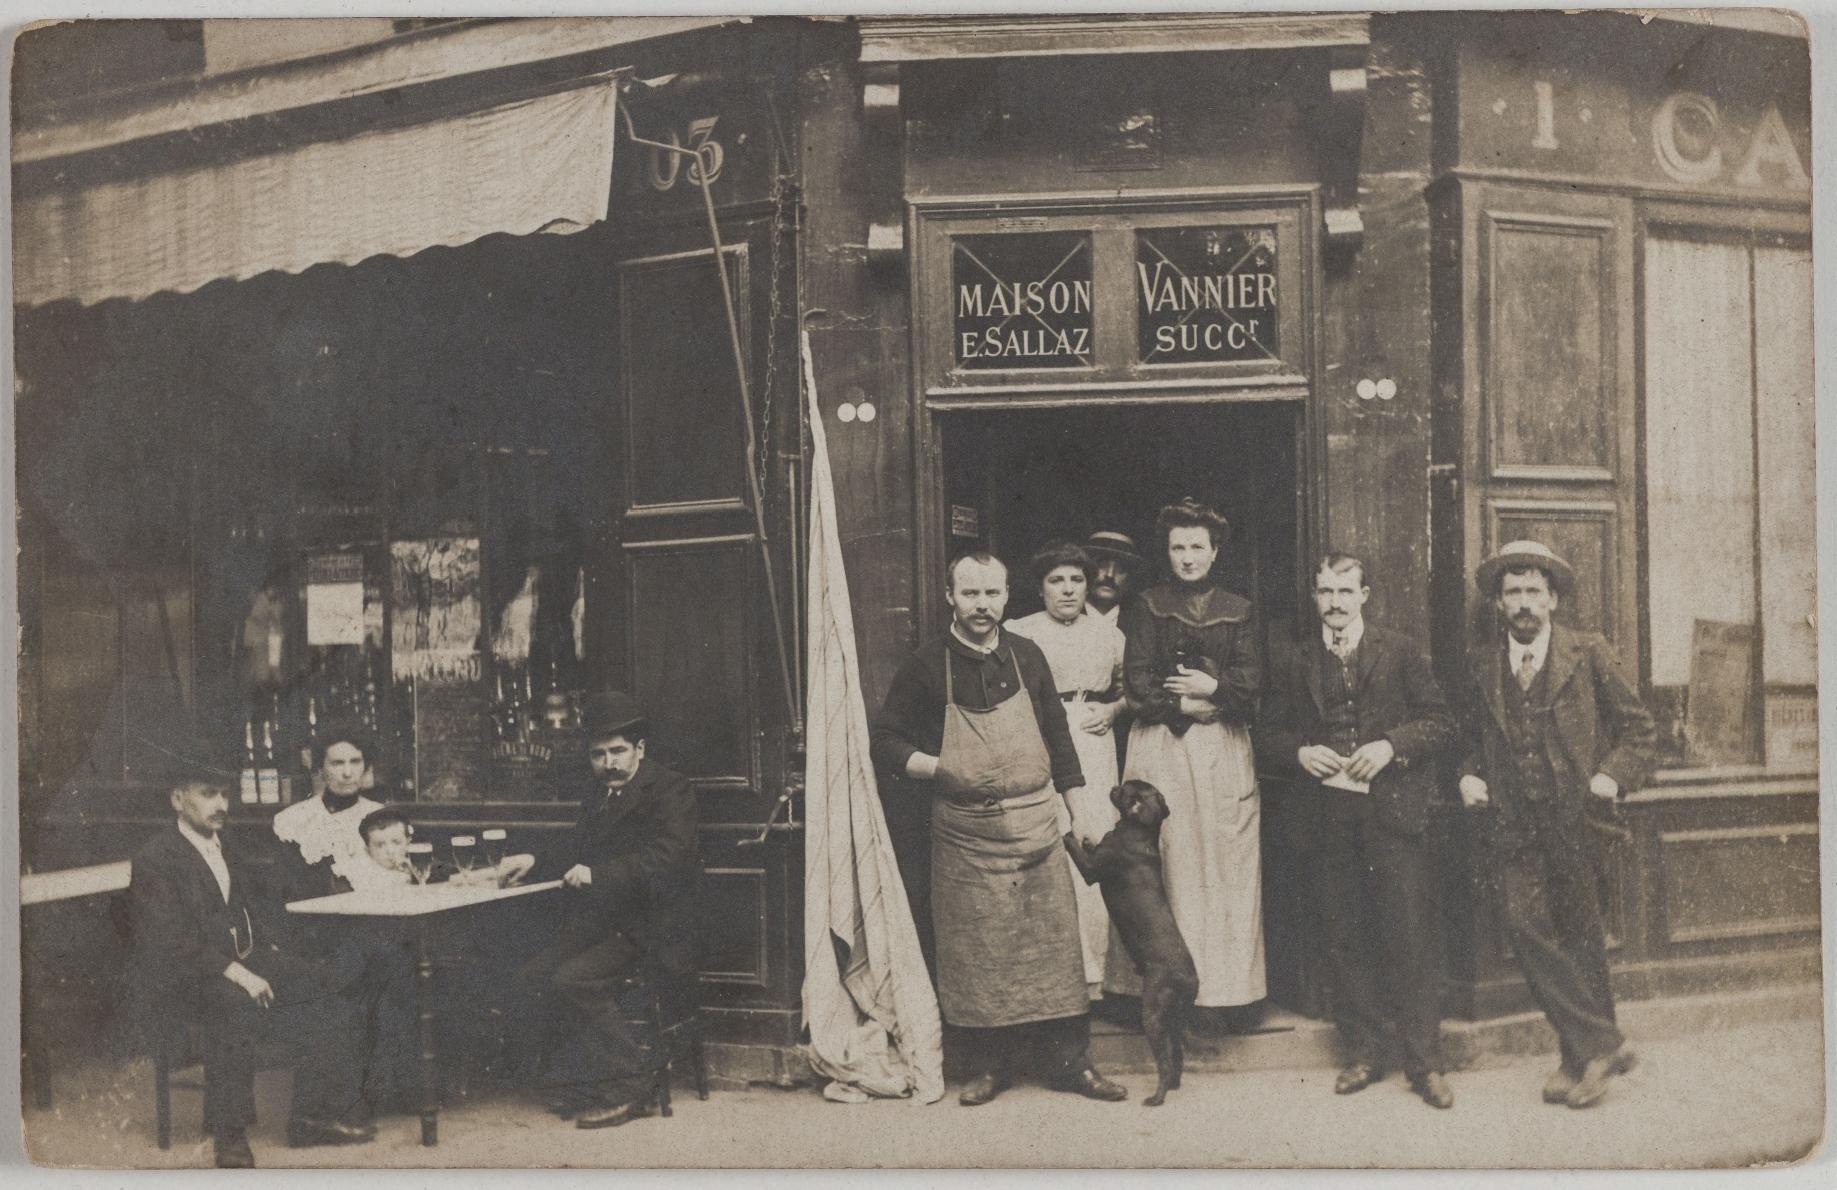 1903. Кафе. Дом Ваннье, преемника Э. Саллаза